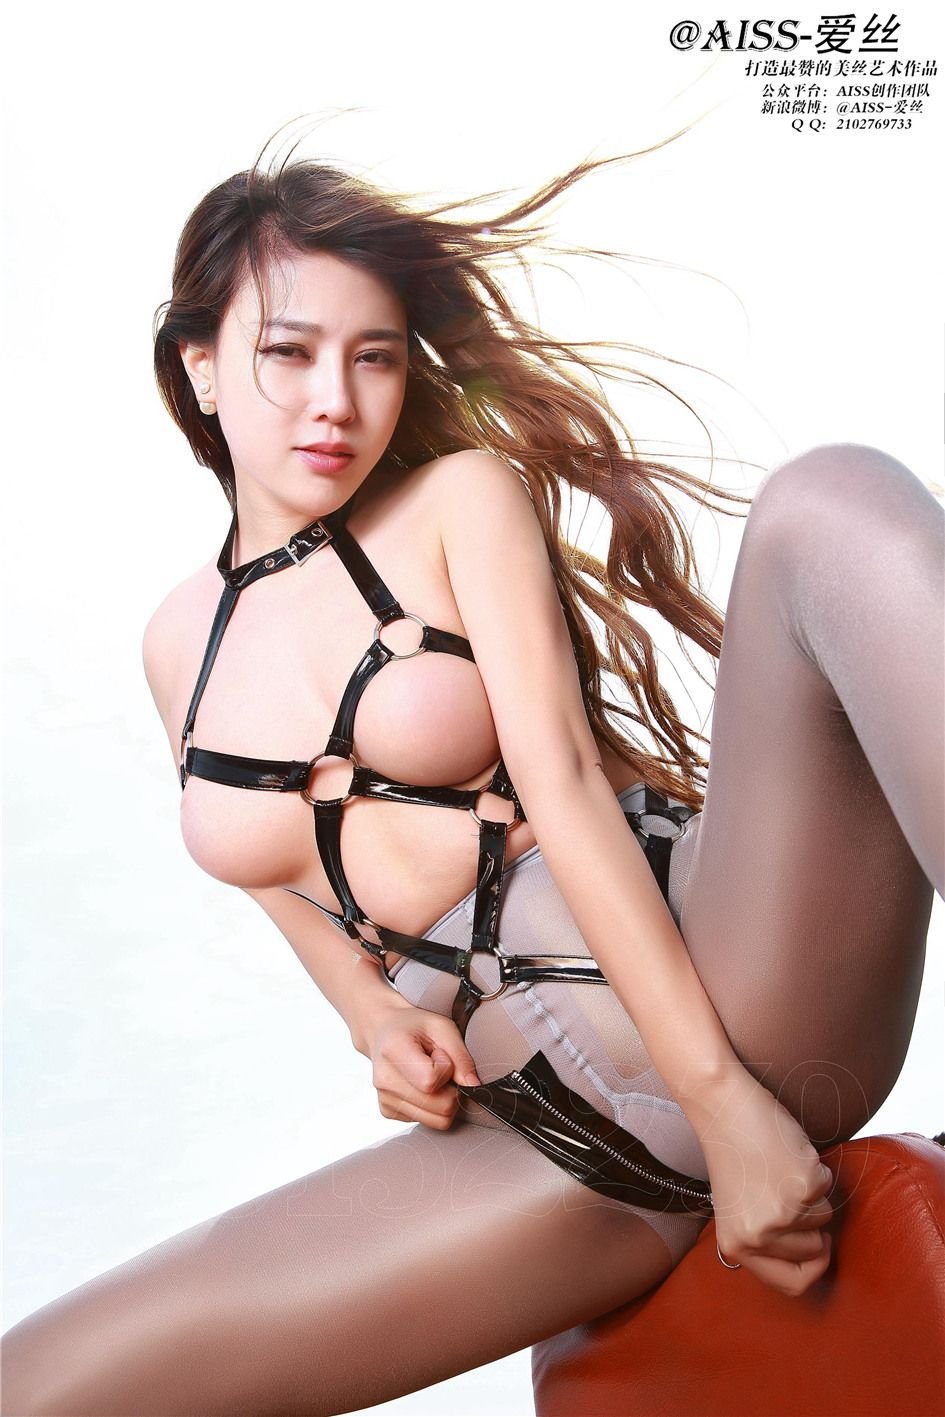 [爱丝]若兮第055期丝袜美女诱惑